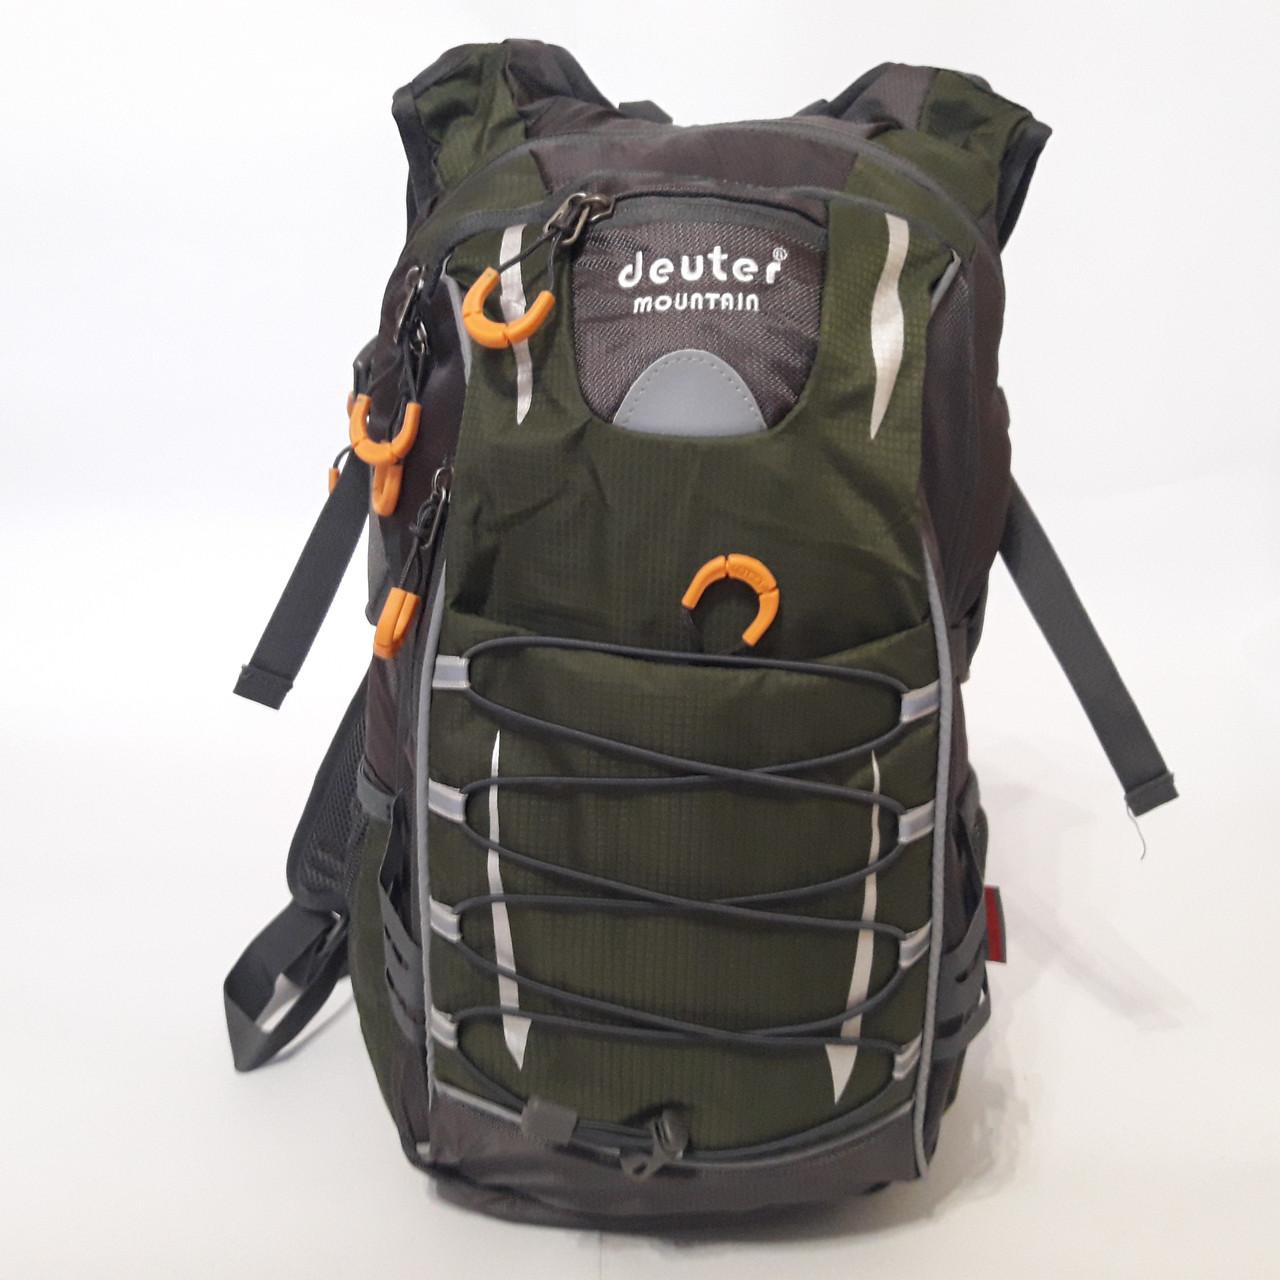 Спортивный рюкзак Deuter термос 35 л зеленый